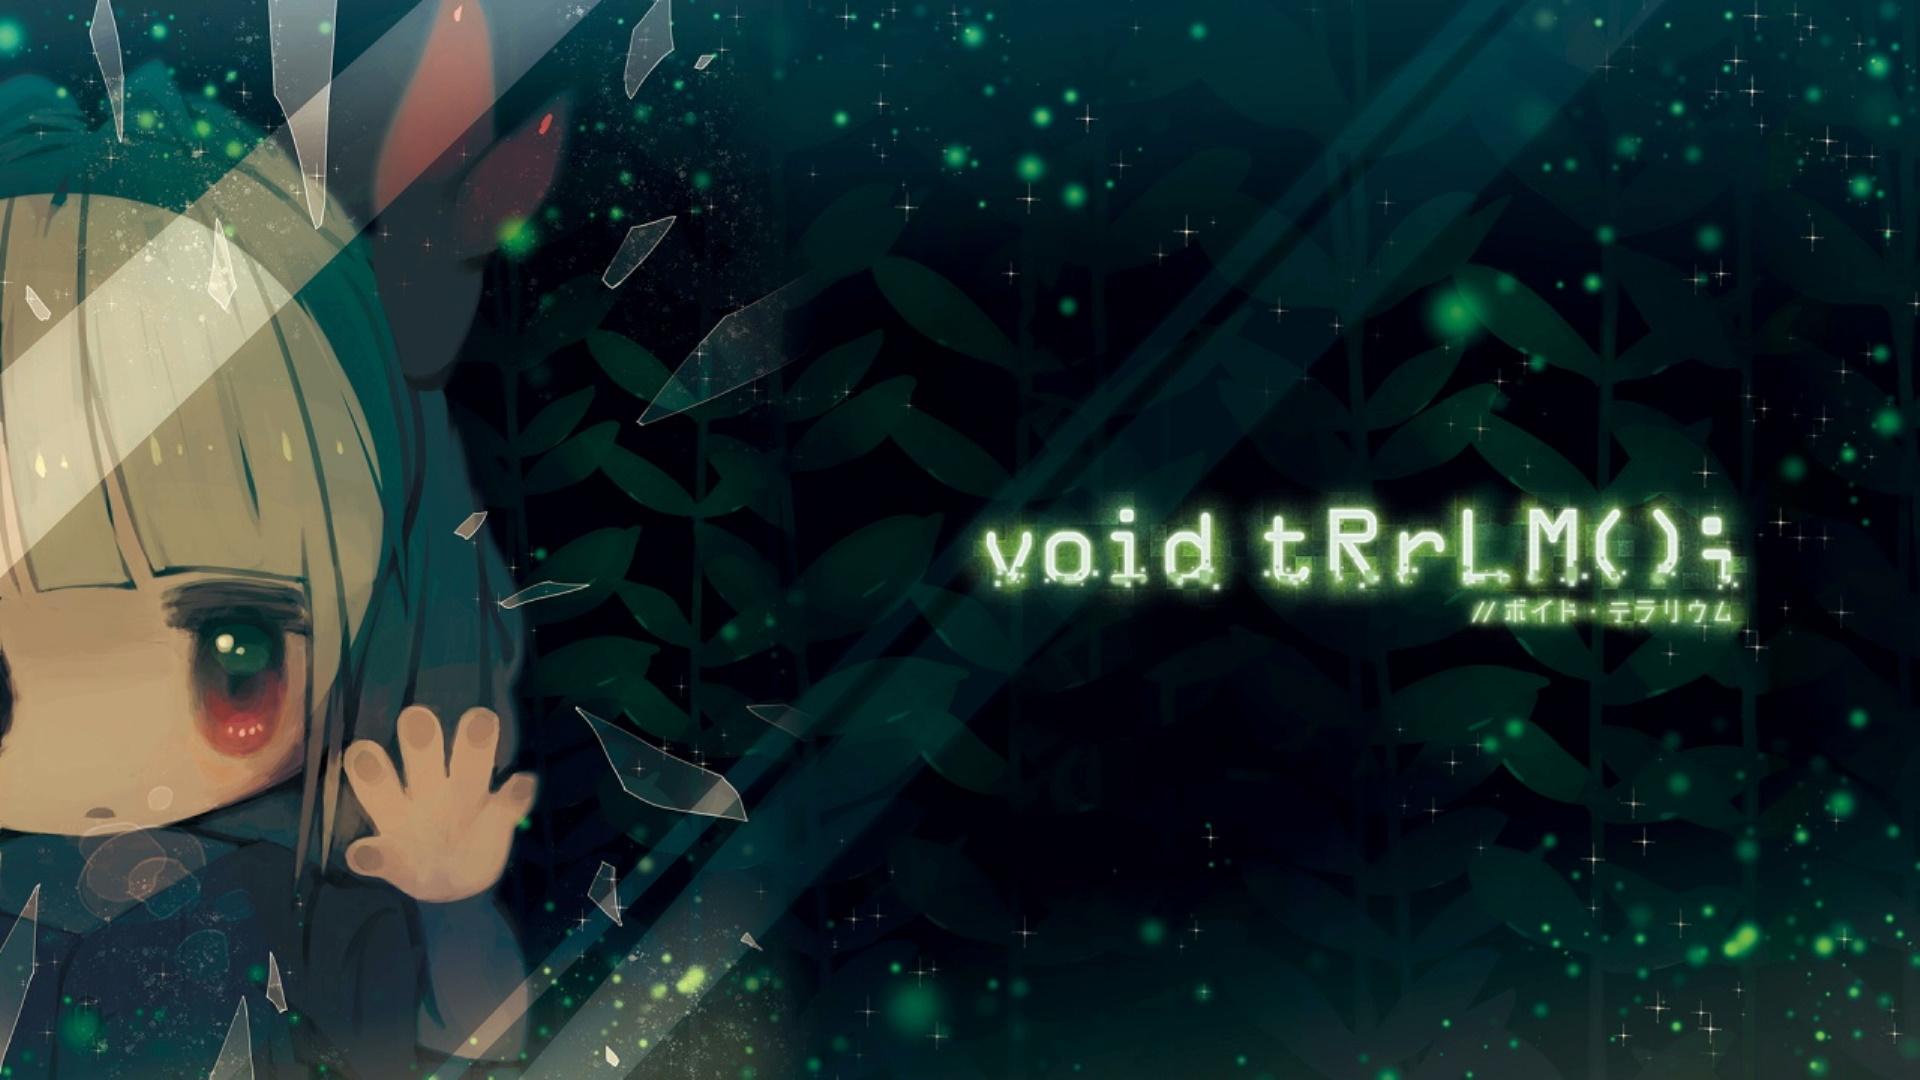 void tRrLM (); //VOID TERRARIUM locandina